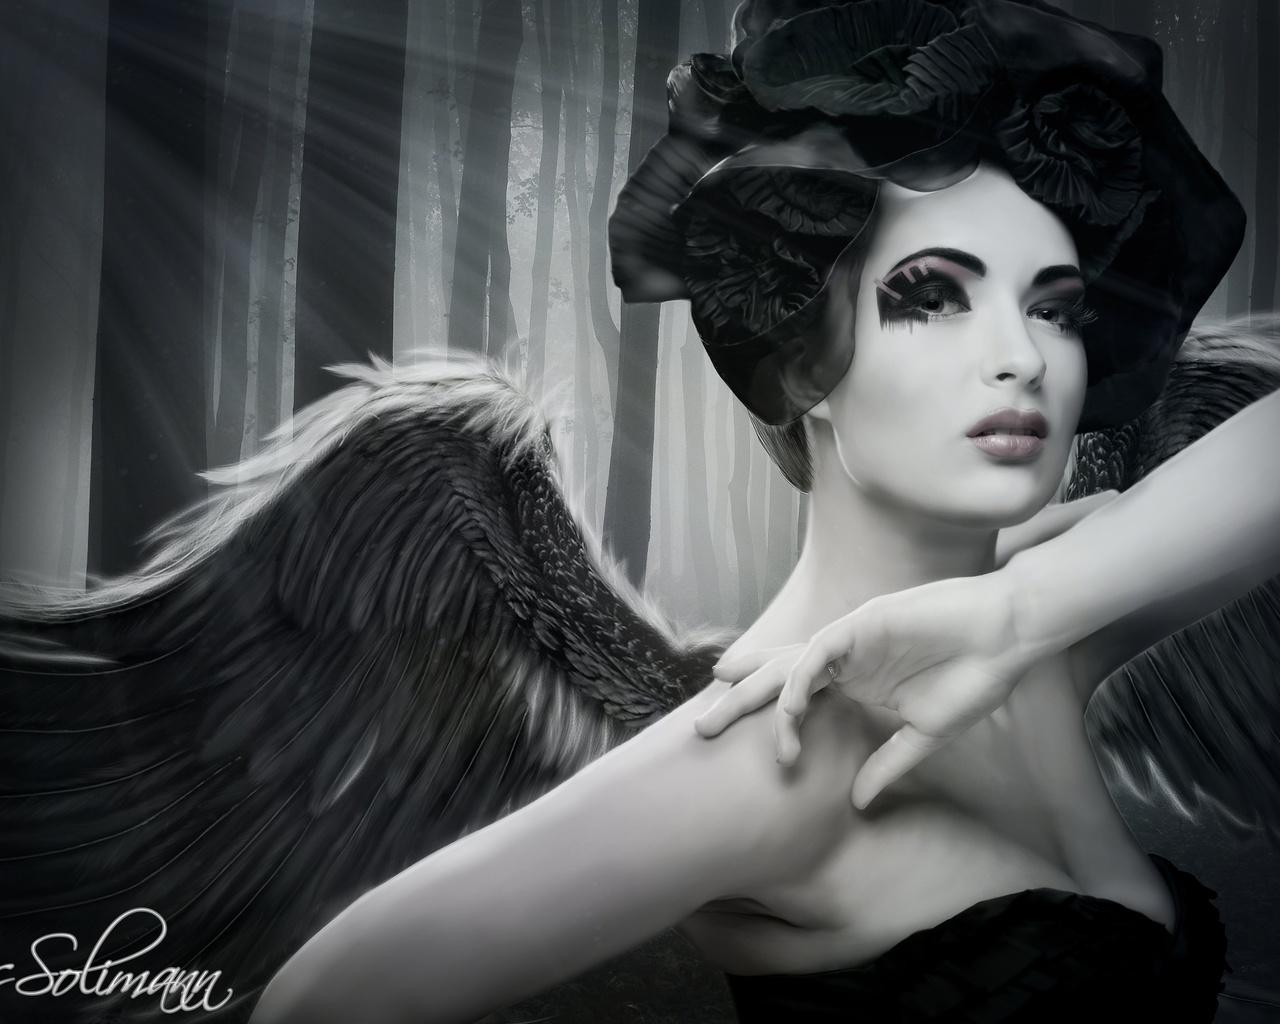 взгляд, девушка, деревья, лицо, ангел, макияж, руки. крылья, ретро